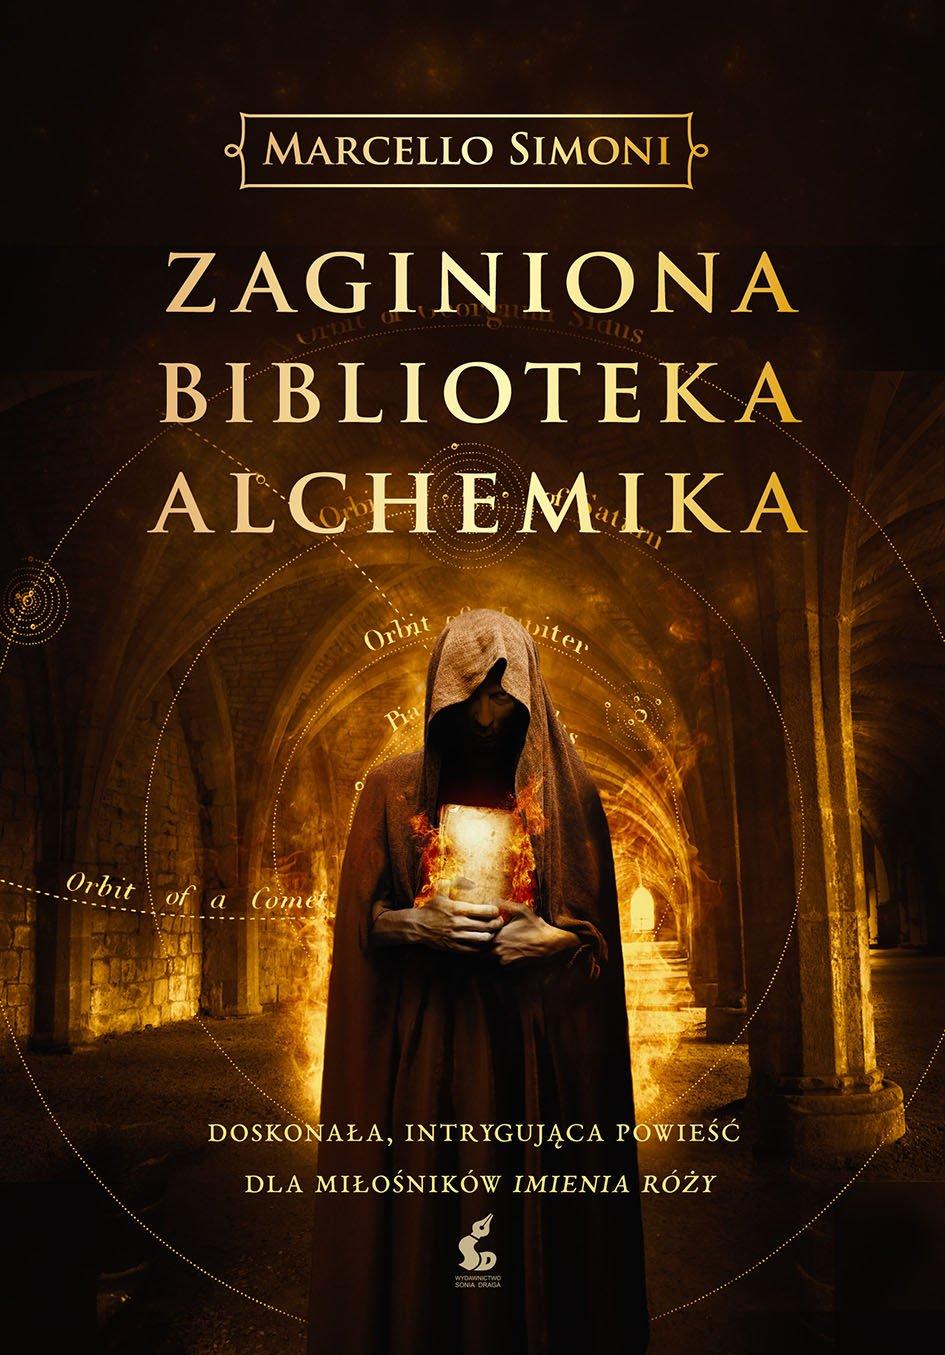 Zaginiona biblioteka alchemika - Ebook (Książka na Kindle) do pobrania w formacie MOBI